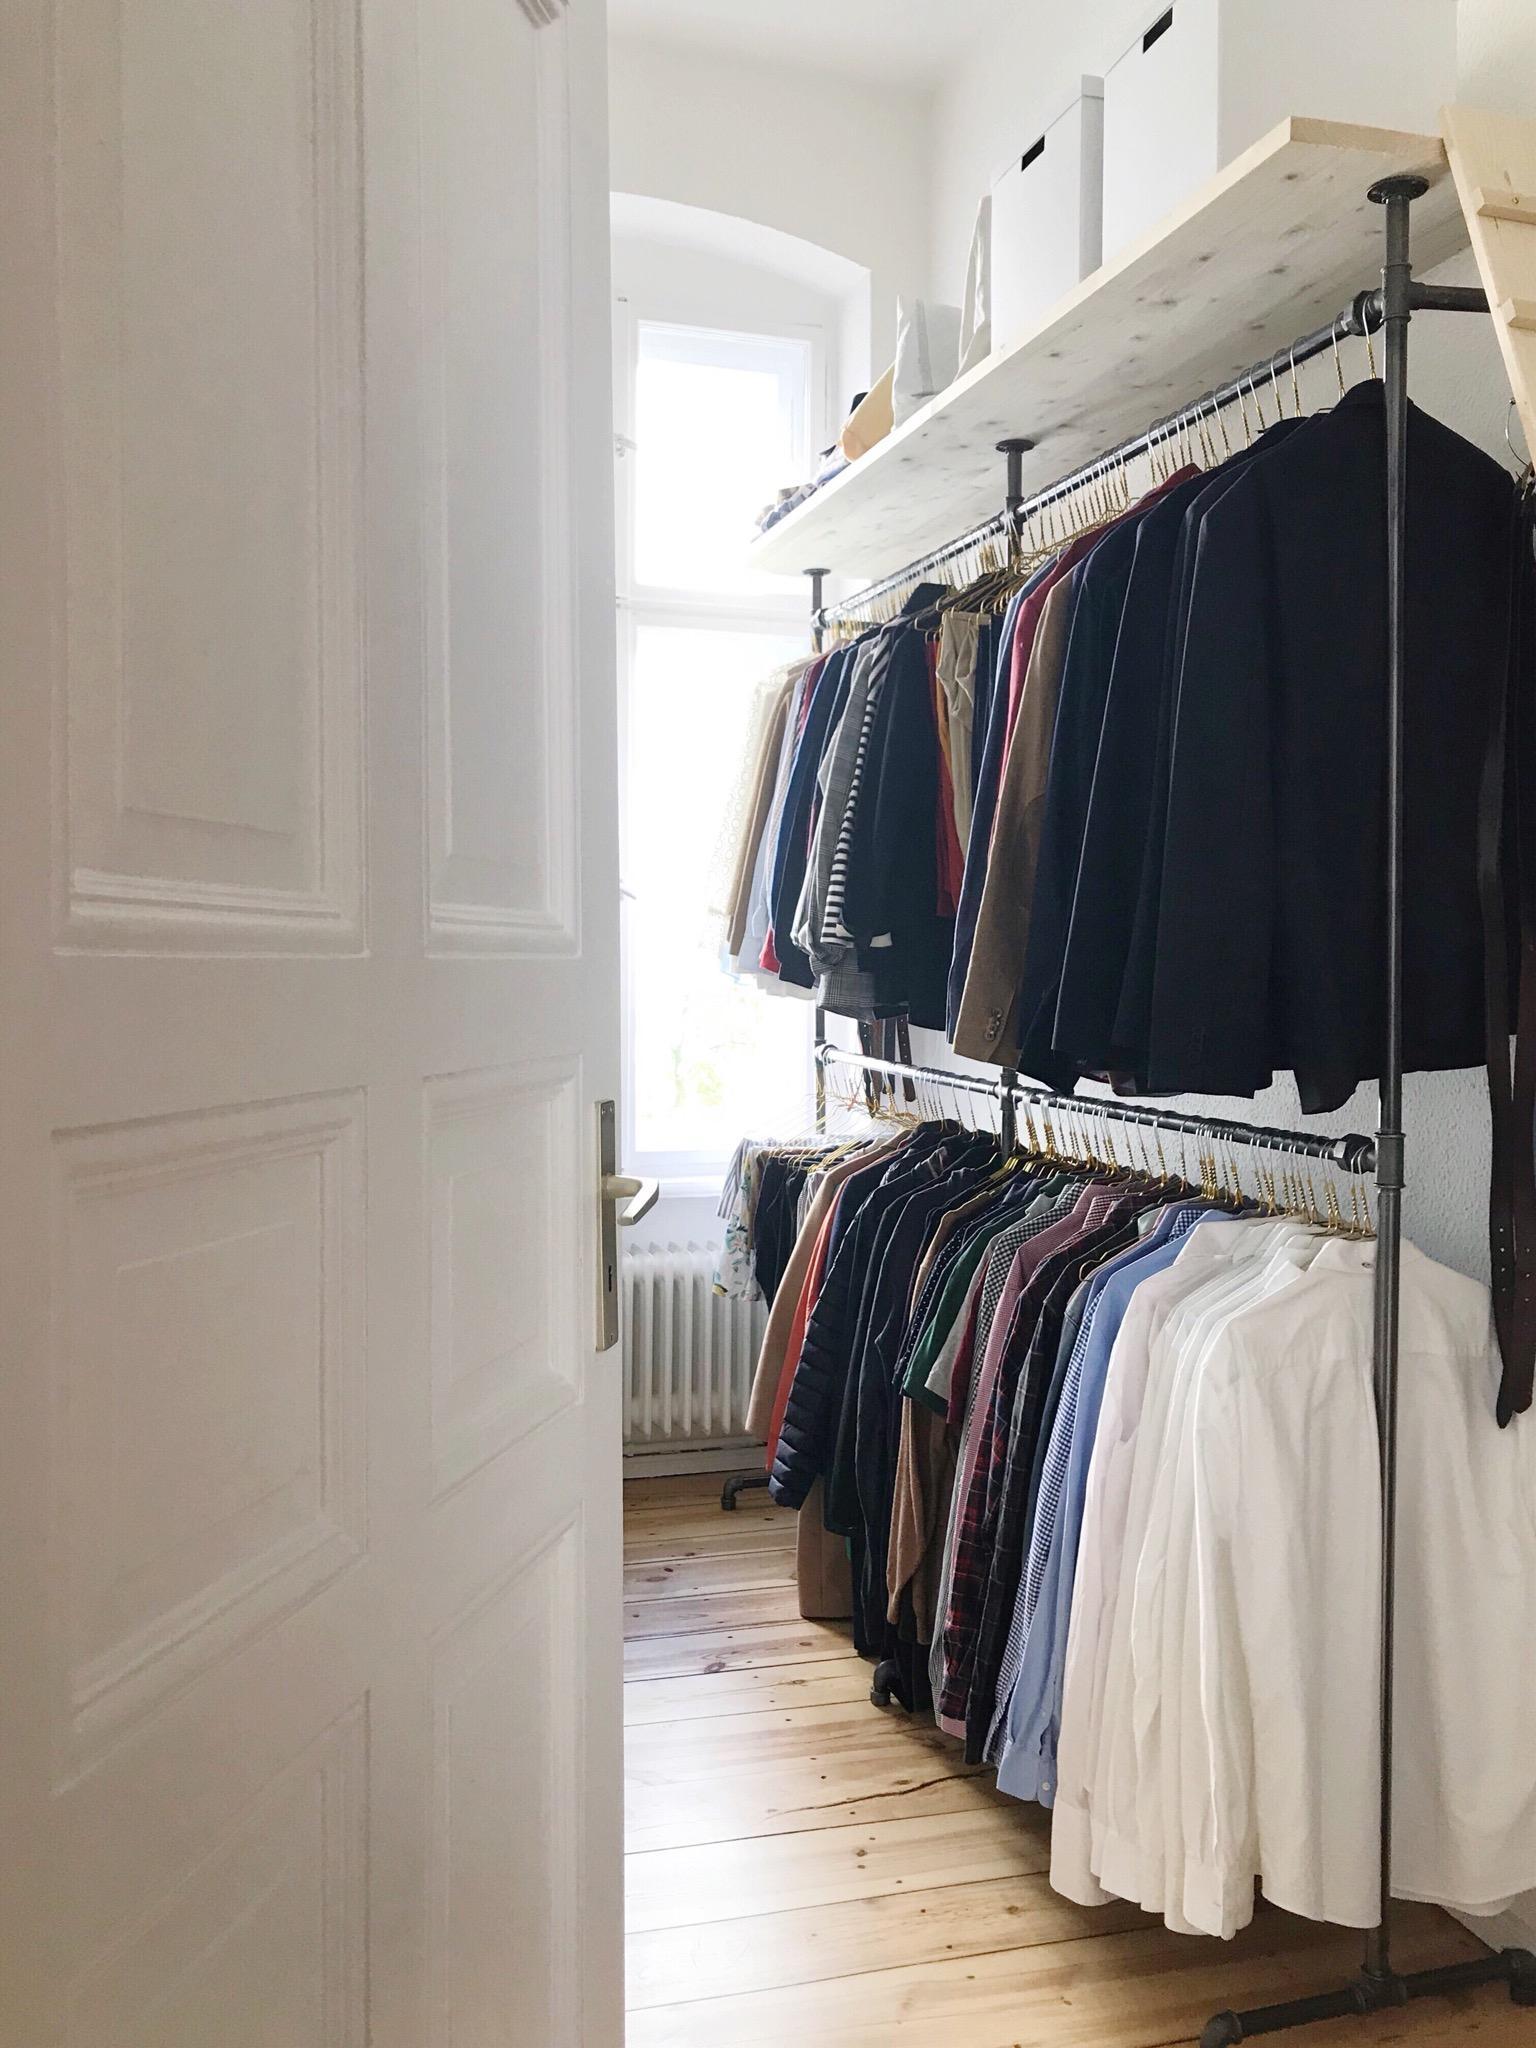 Unglaublich Ankleidezimmer Ideen Beste Wahl Blau Blau Blau Sind Alle Meine Kleider